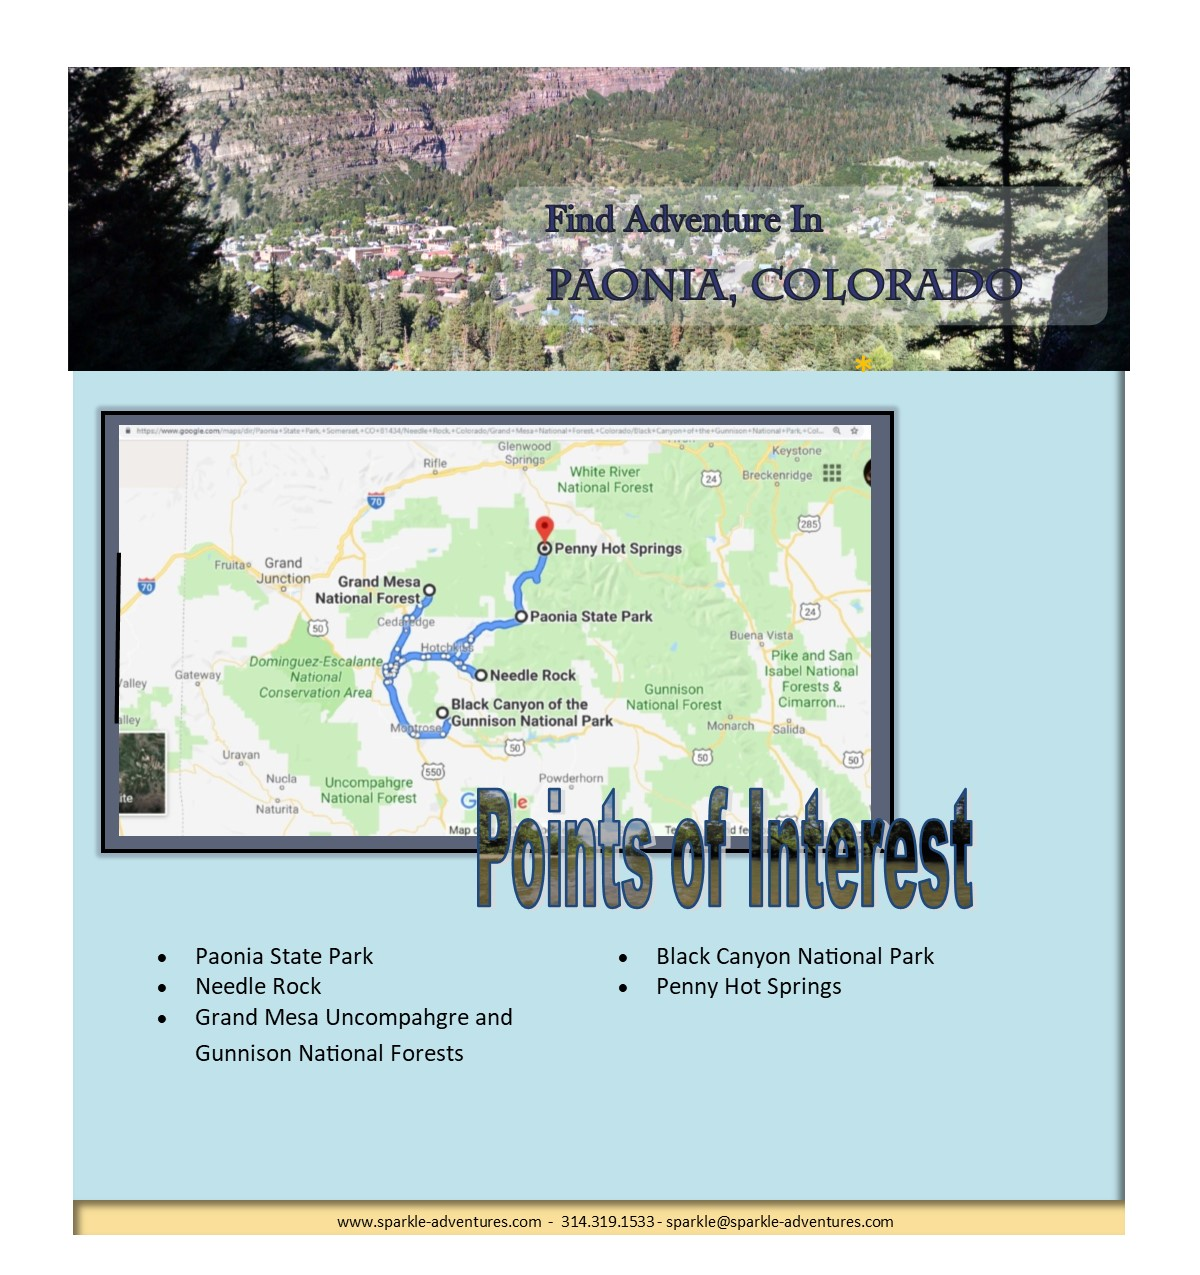 Find Adventure In Paonia, Colorado - Sparkle Adventures